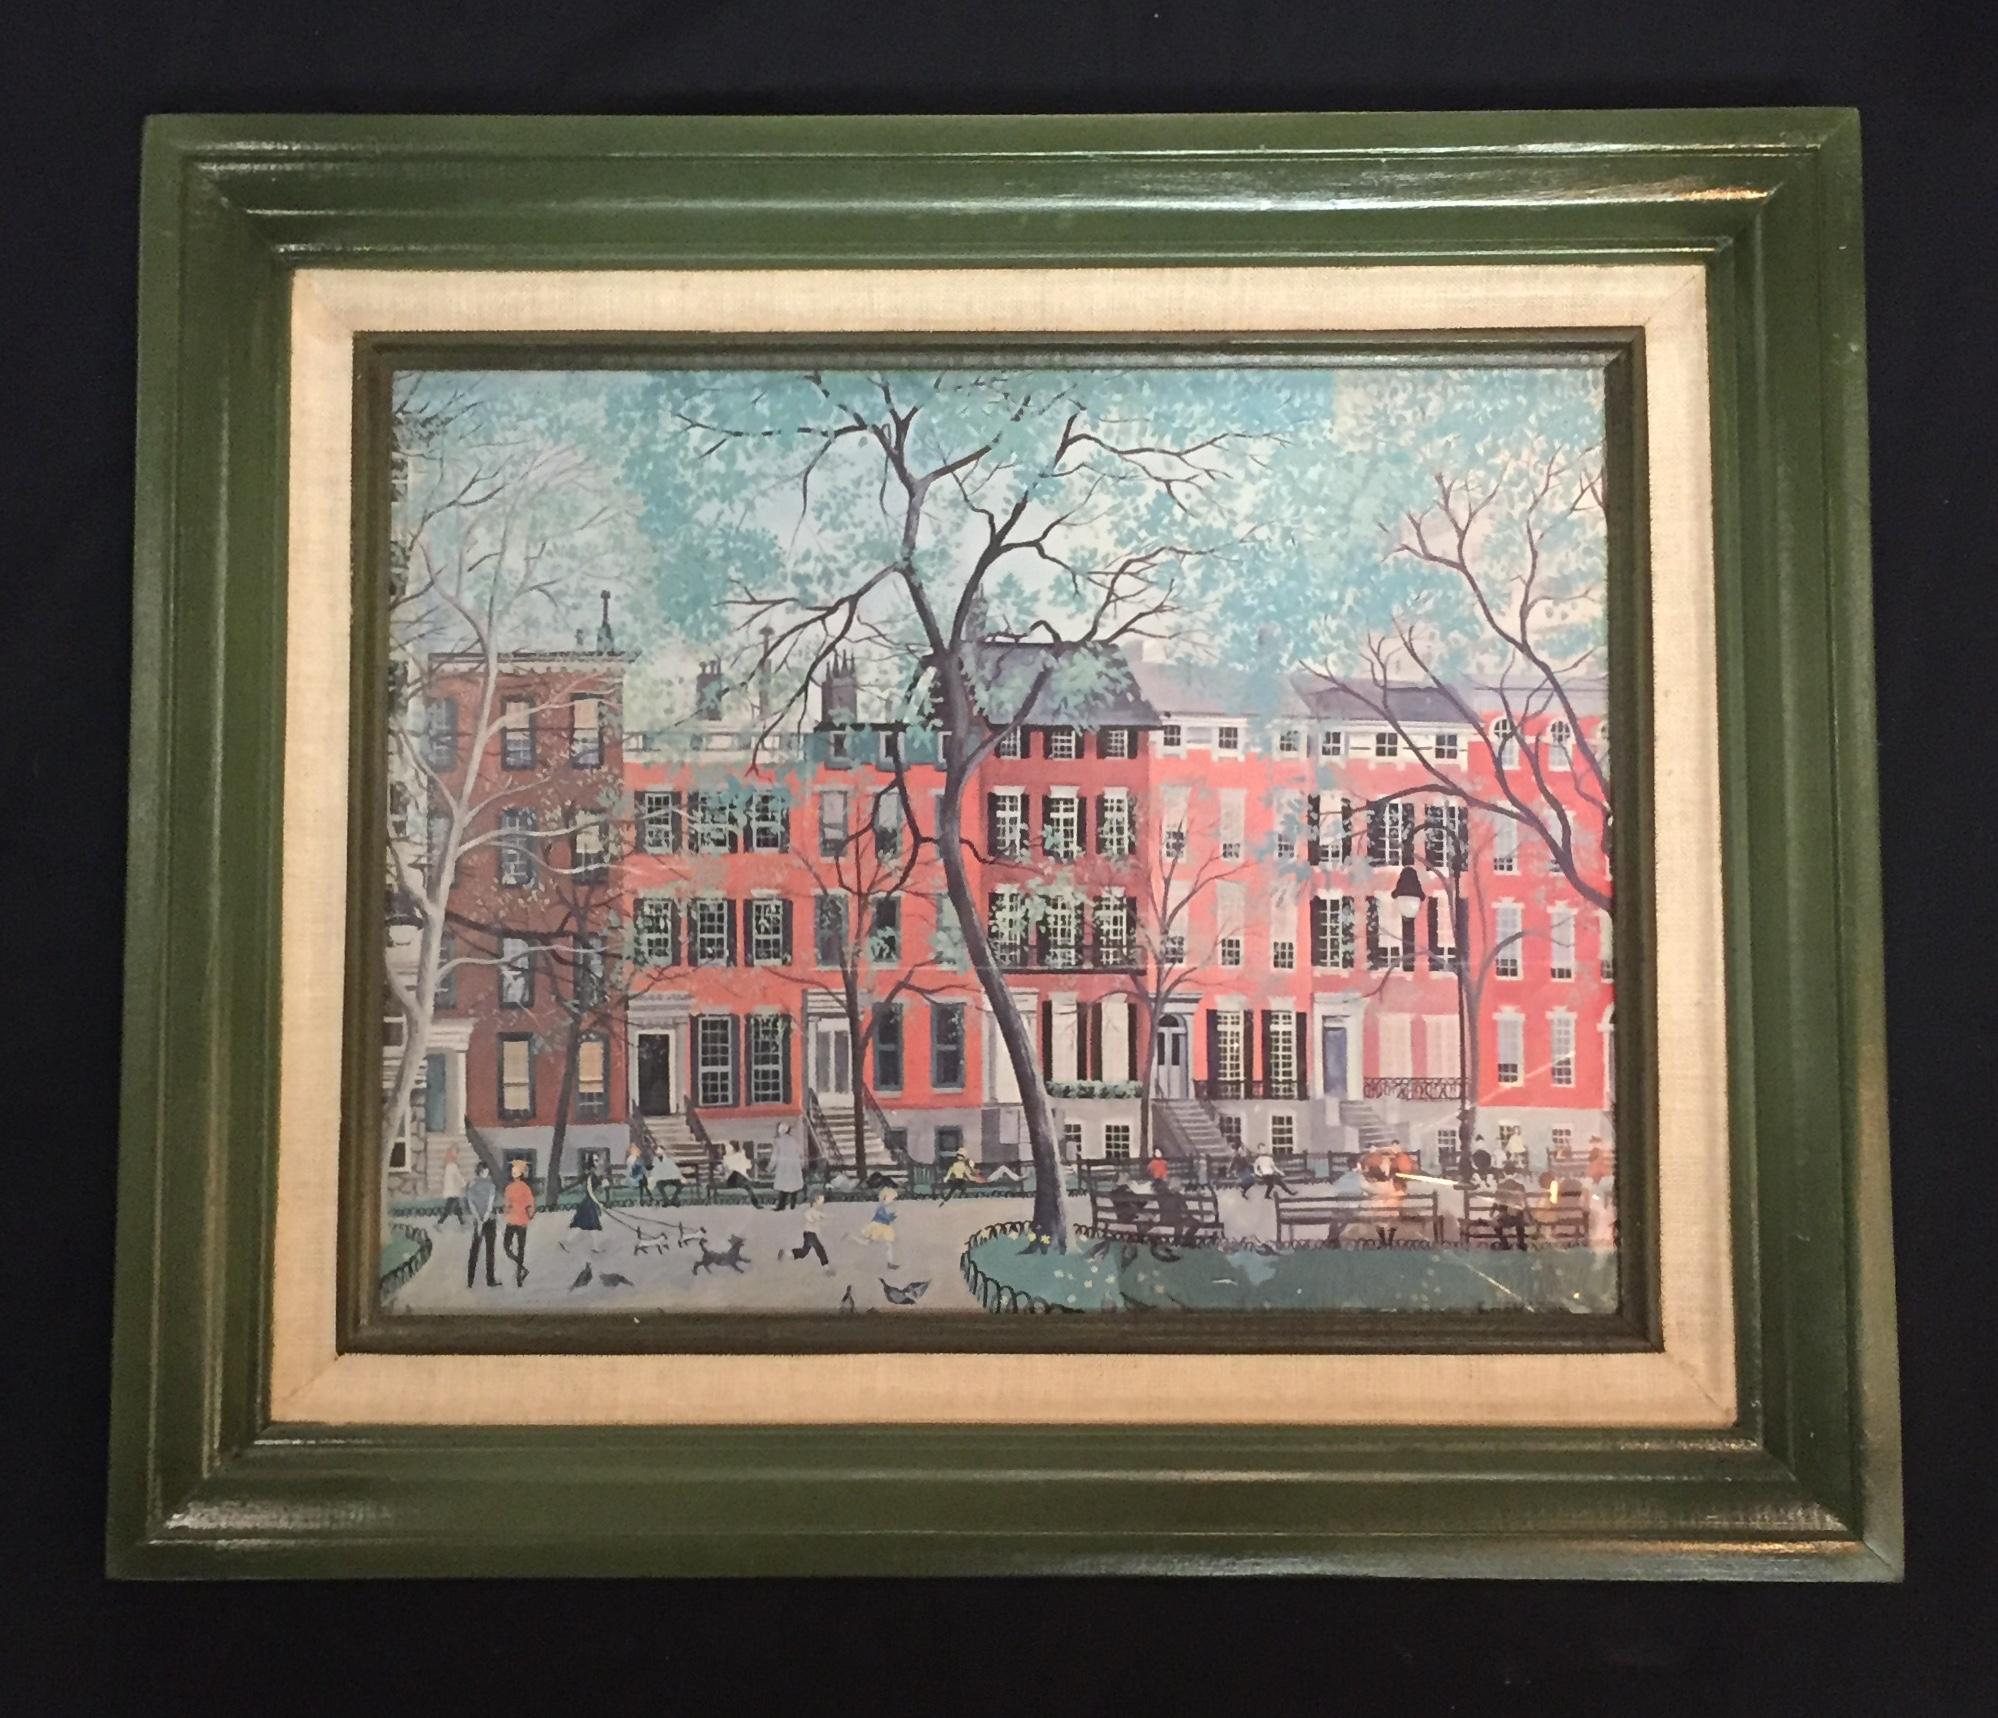 Green Framed Building Prints $19.95 C0891  -  16860